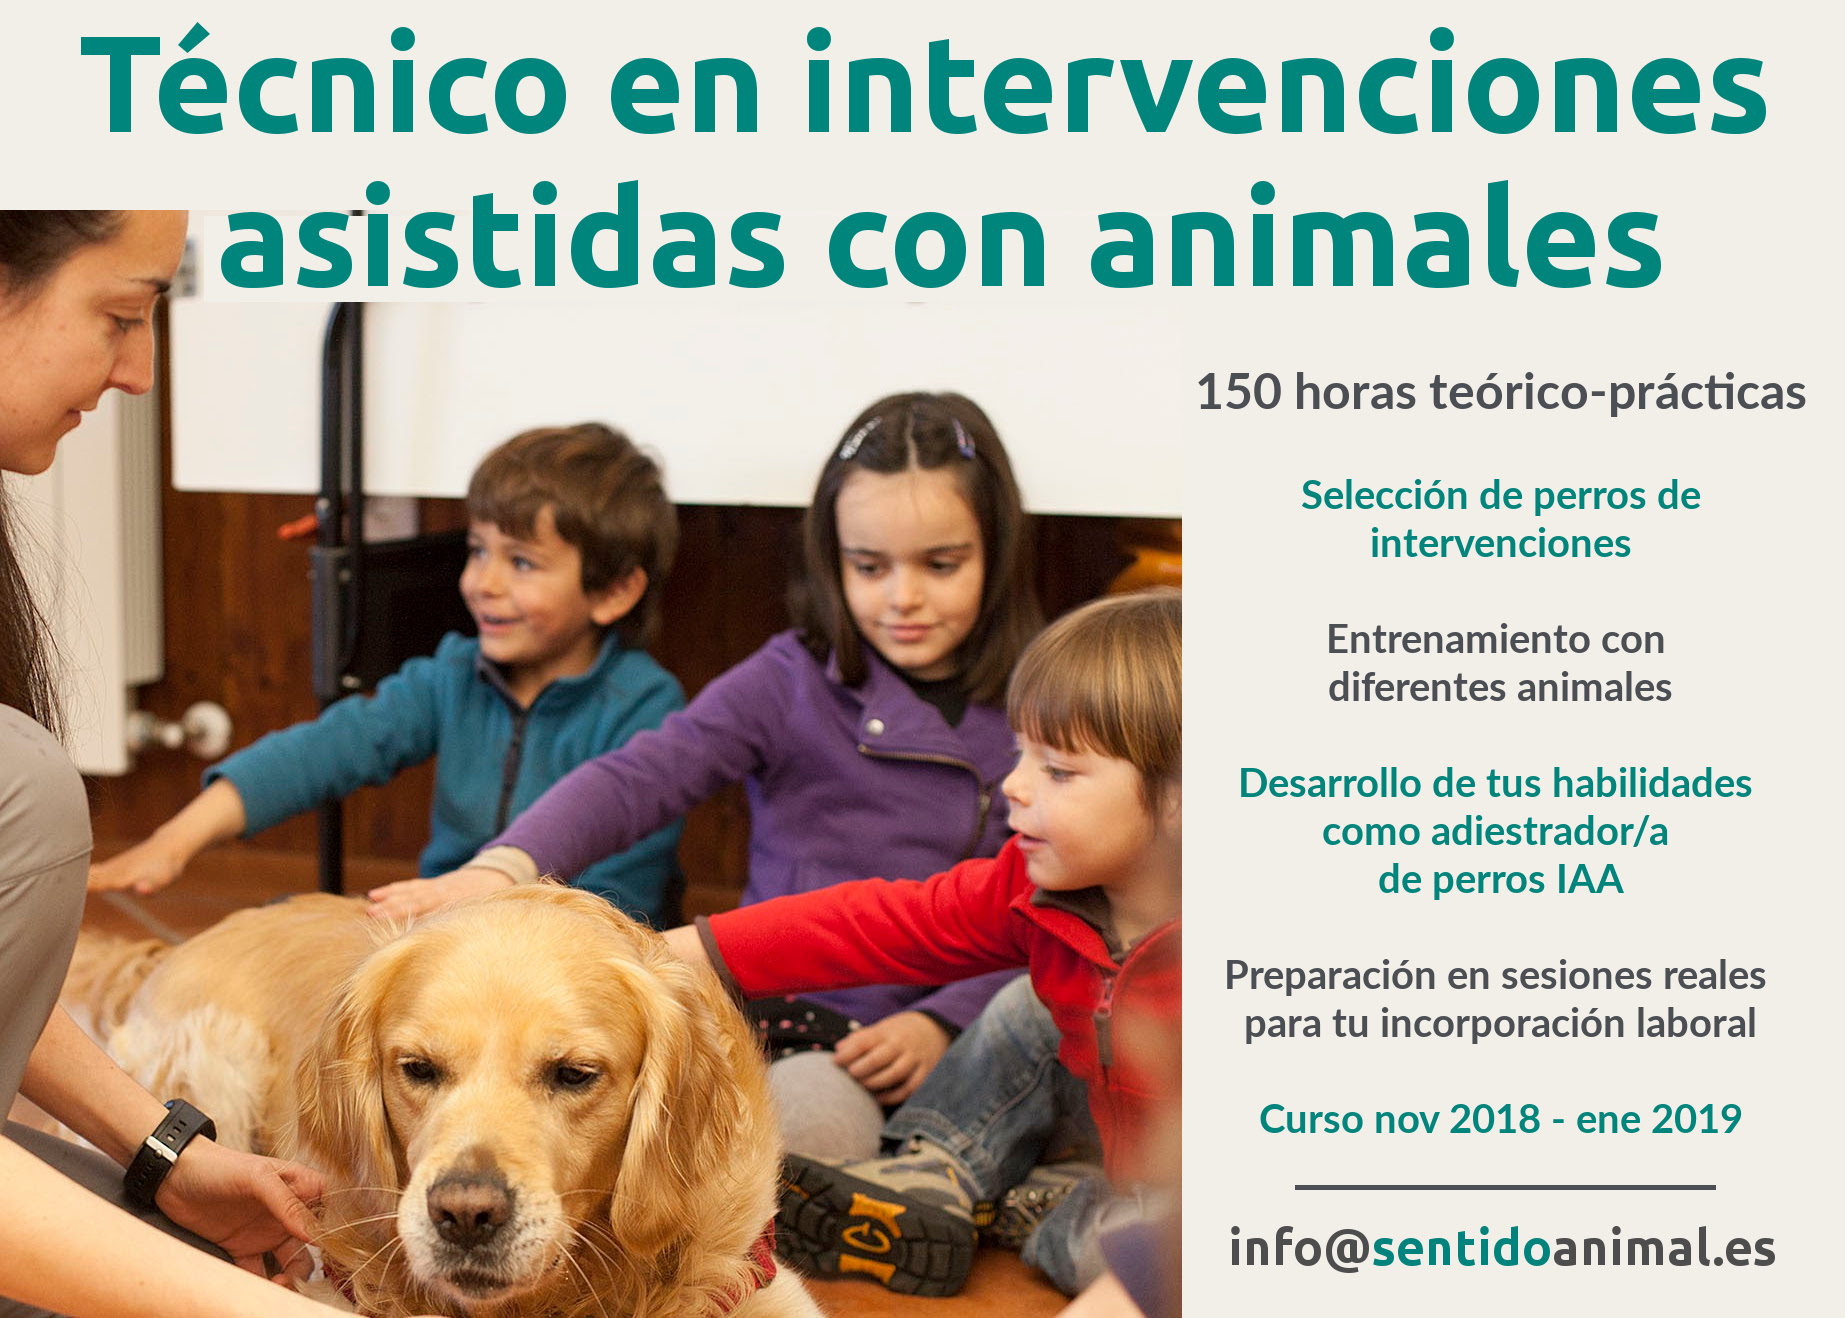 Curso de técnico en intervenciones asistidas con animales